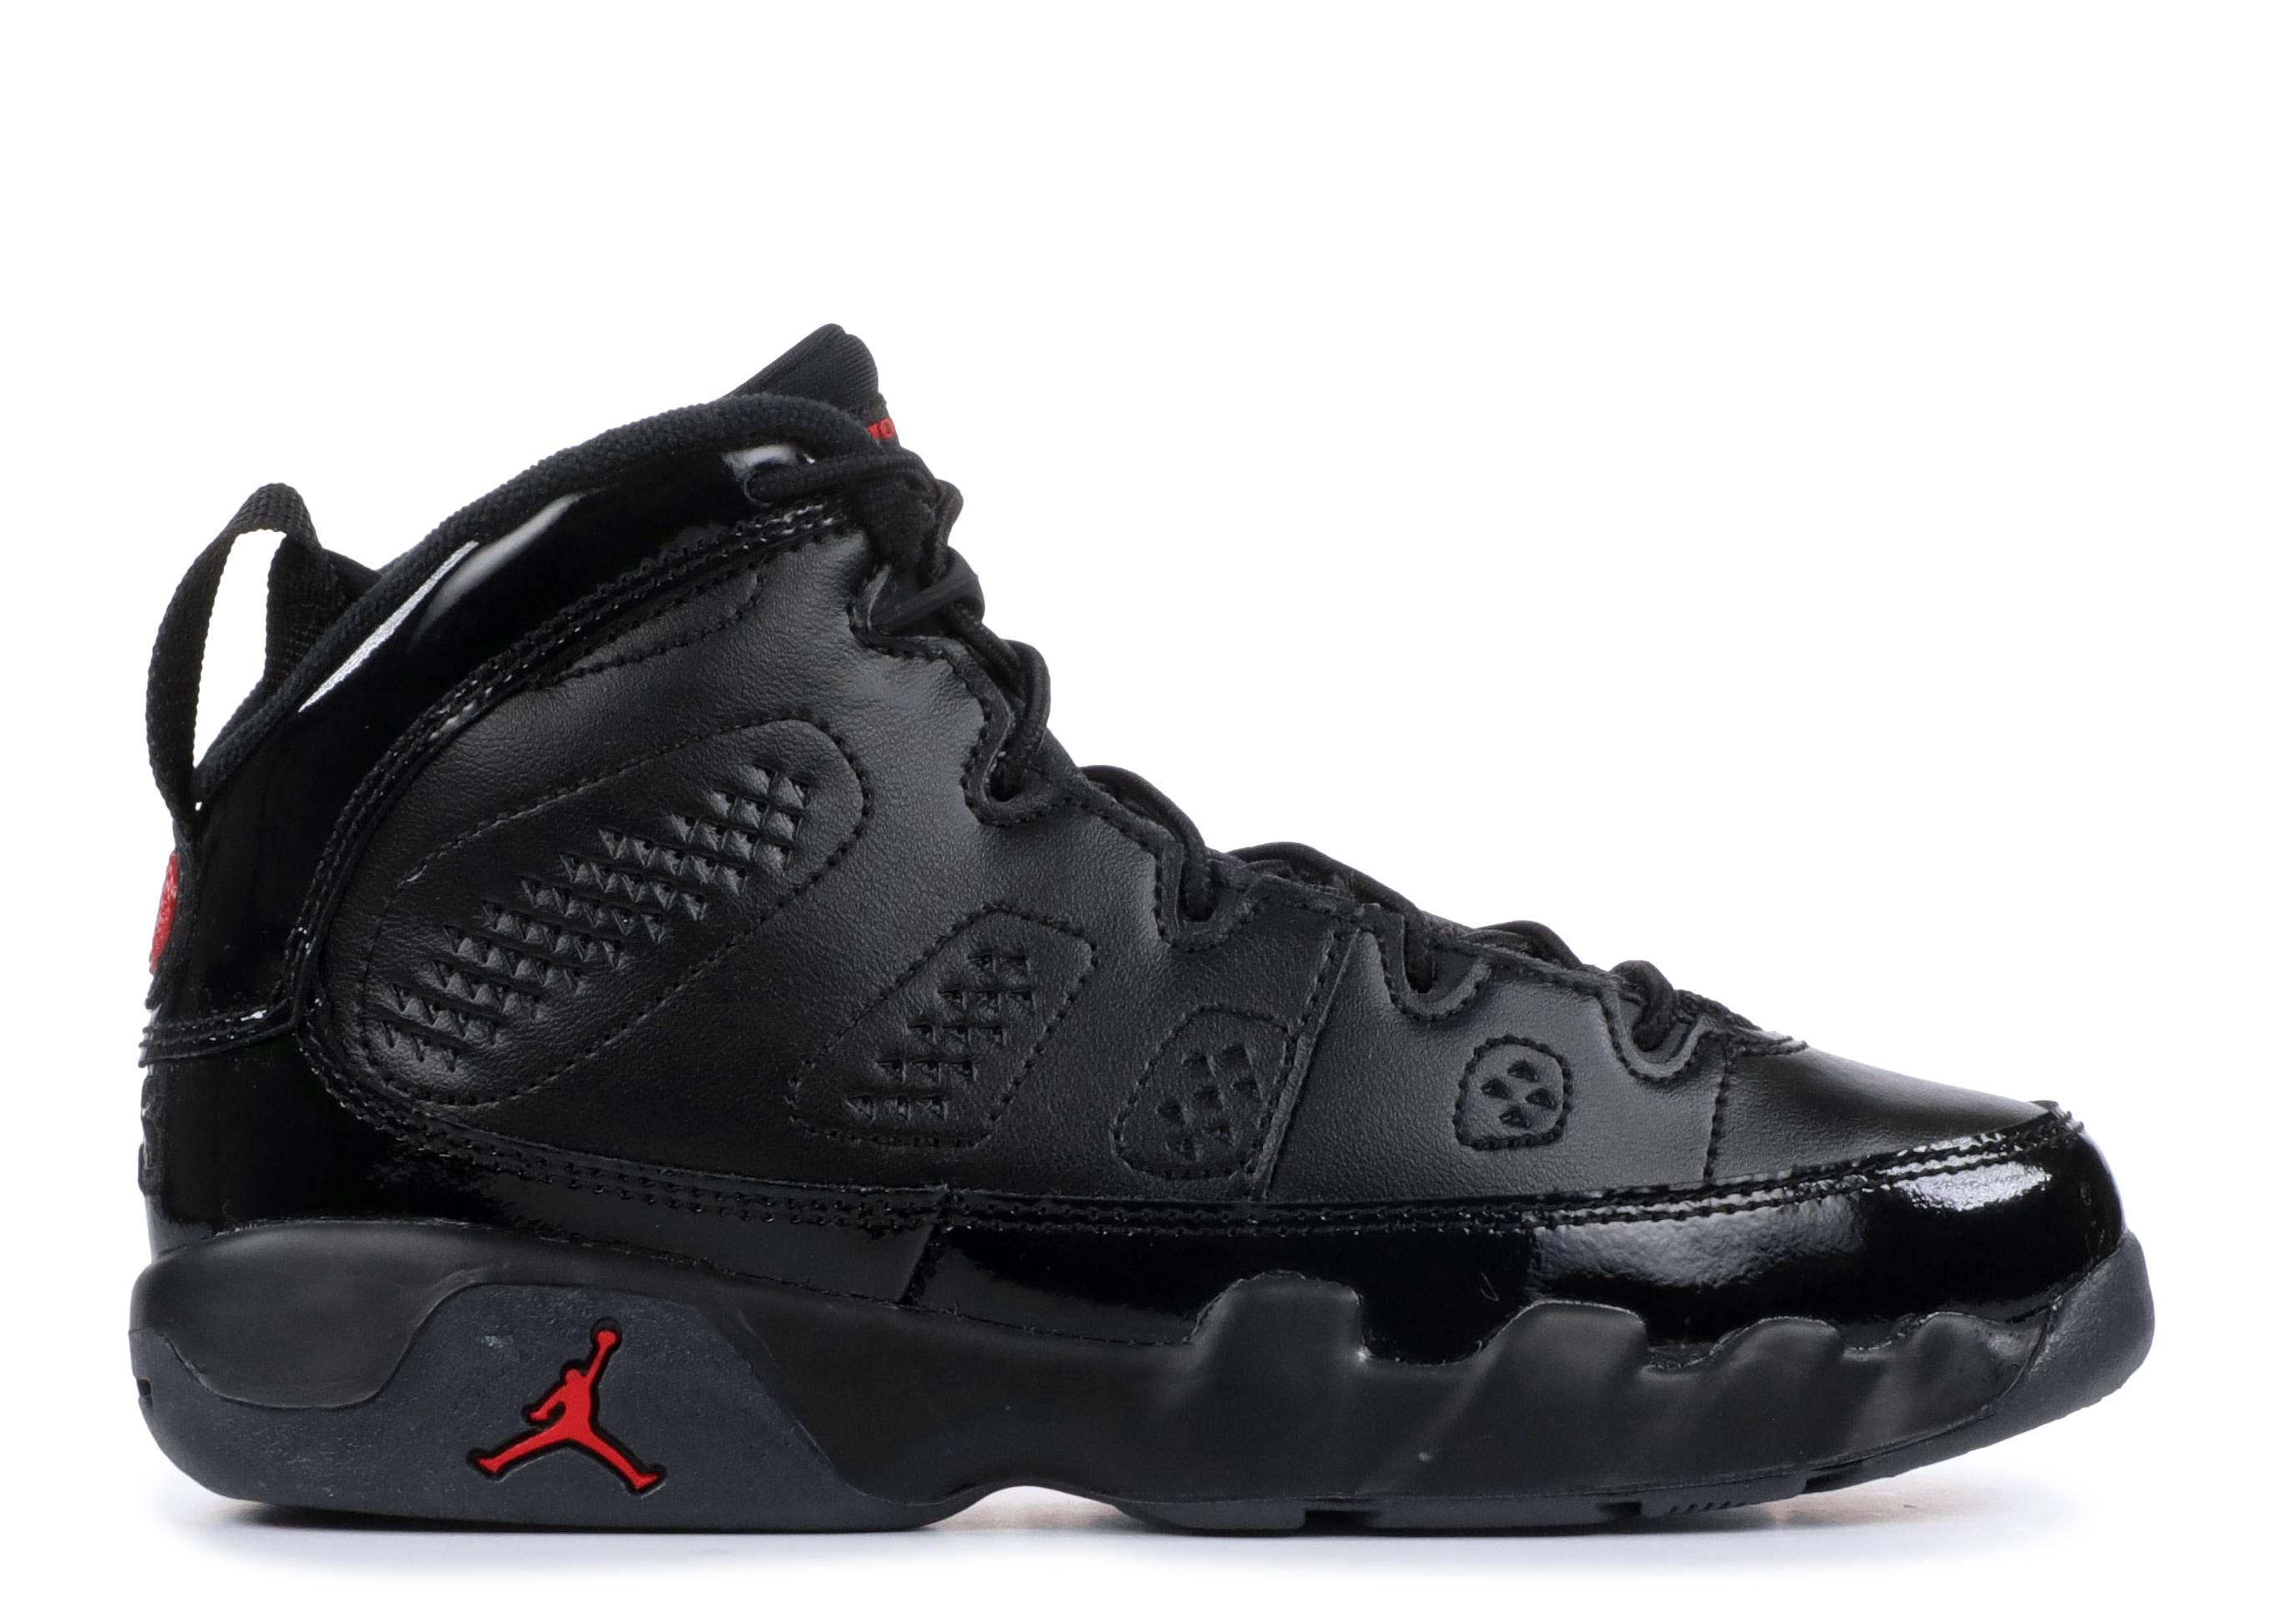 2e703184f493 Jordan 9 Retro BP - Air Jordan - 401811 014 - black university red ...